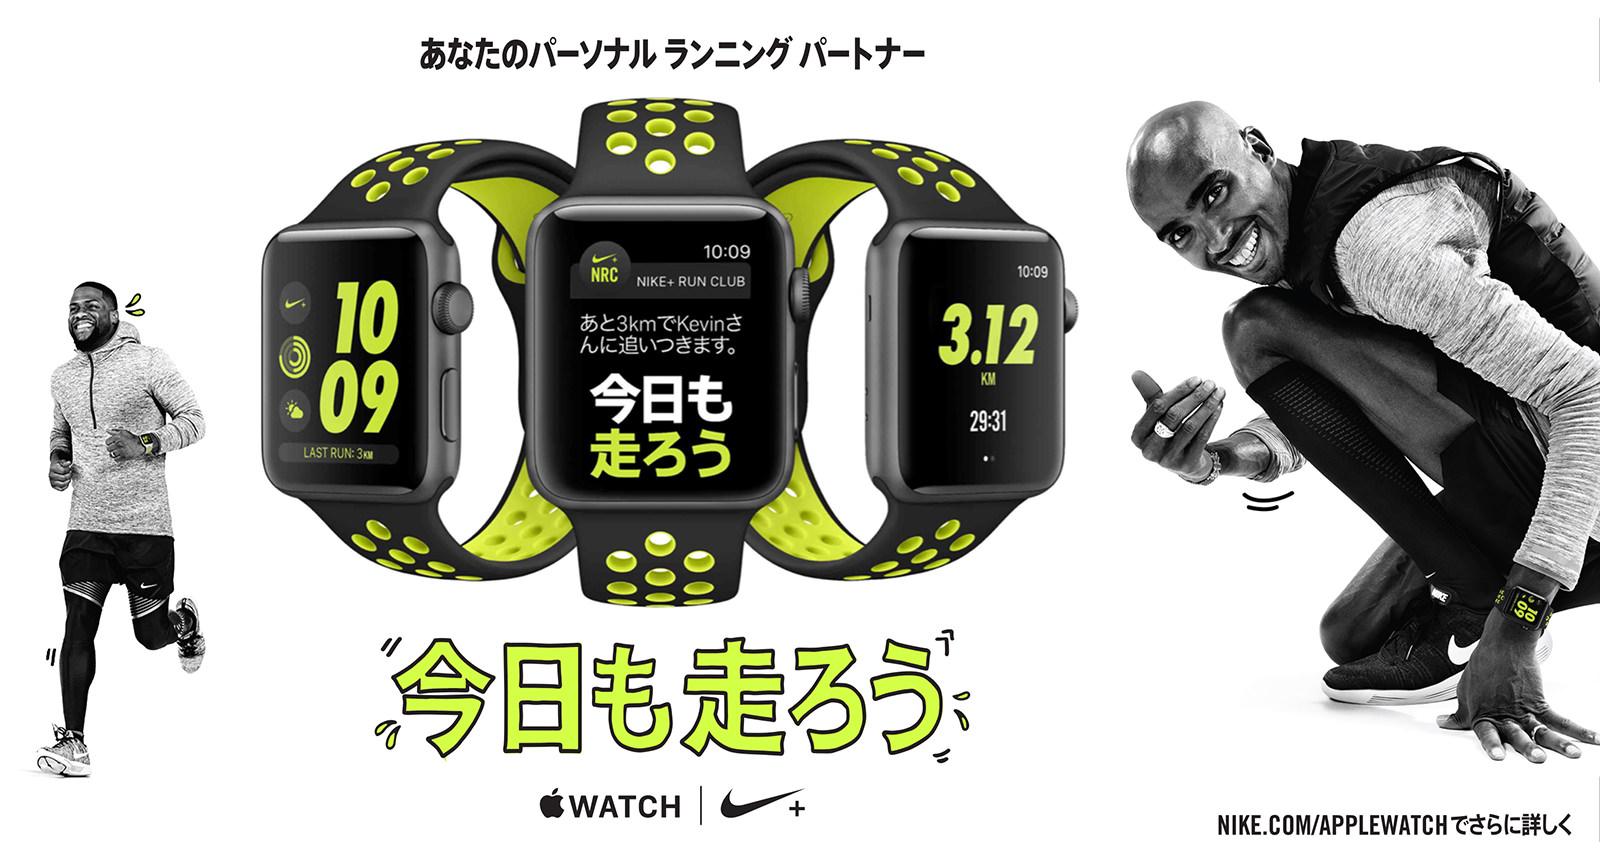 5812fa303e884f945c73d632_apple-watch-nike